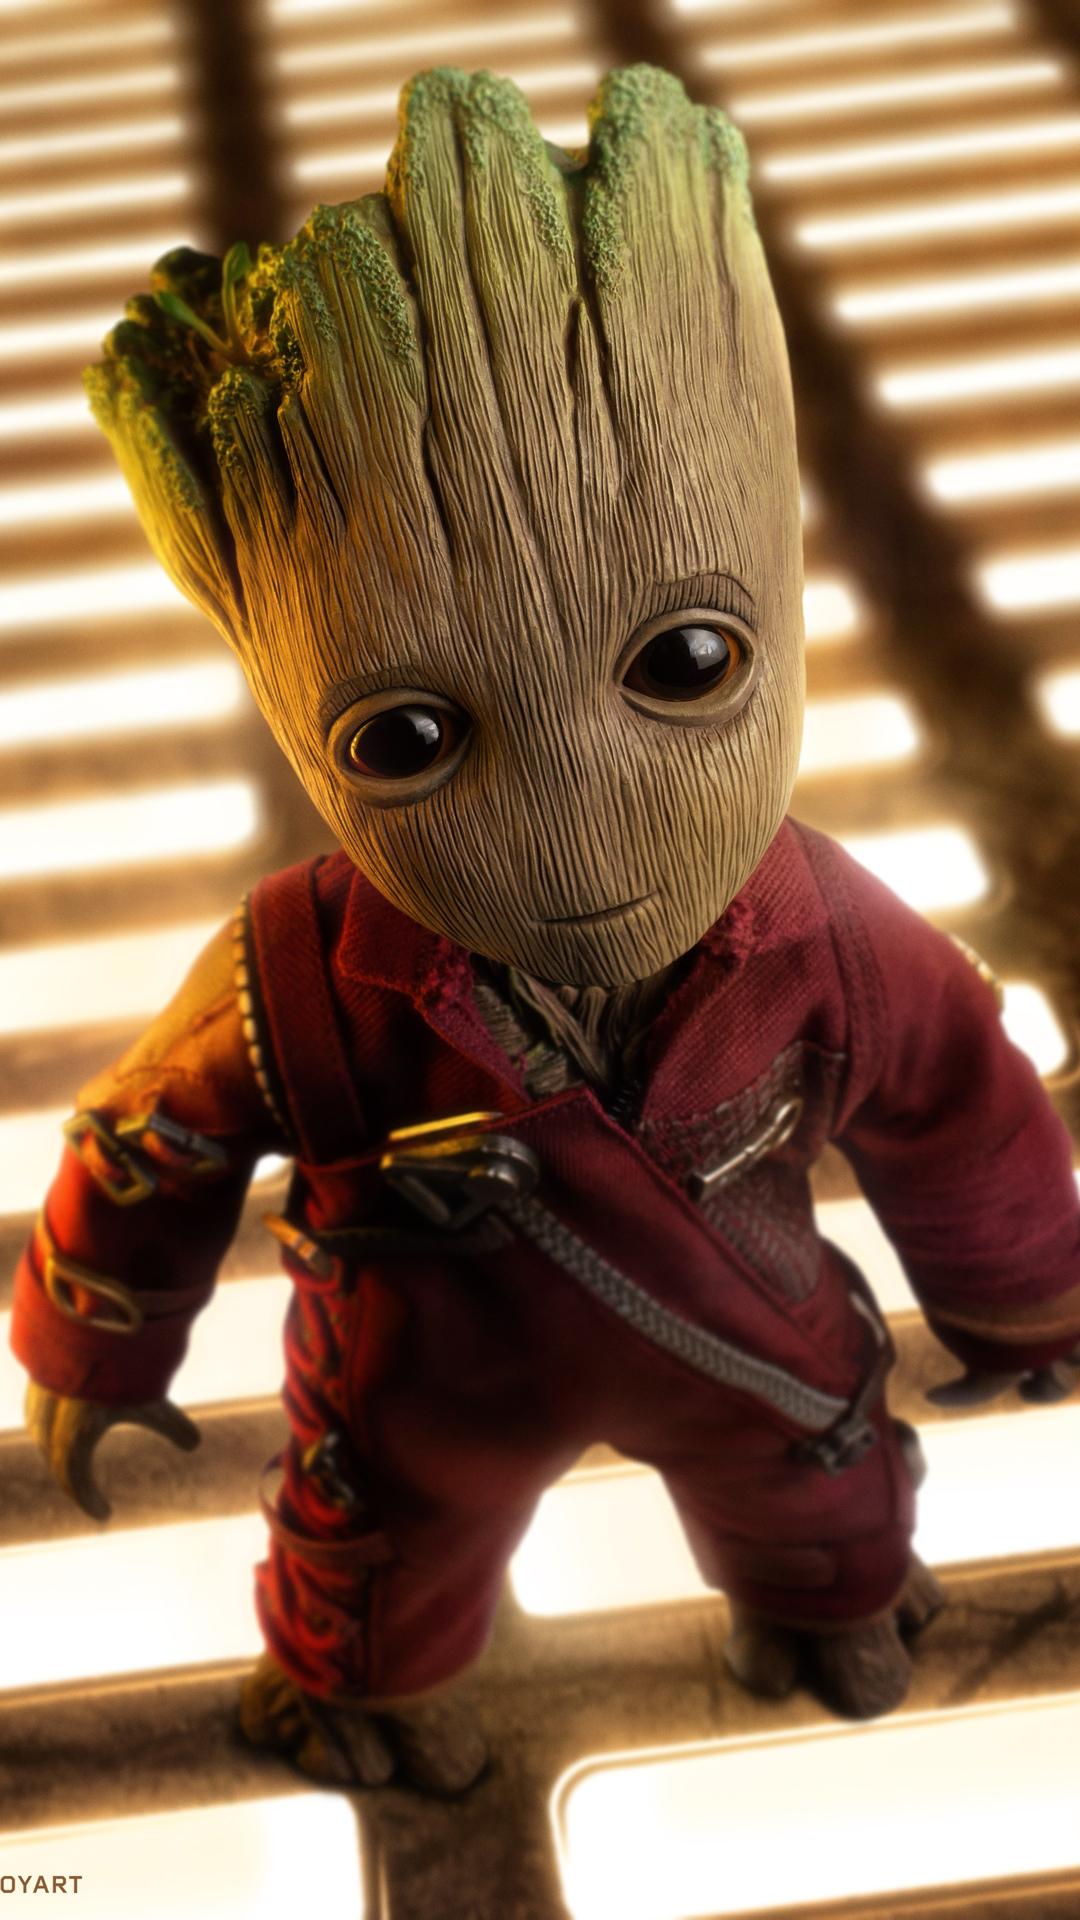 4k Baby Groot